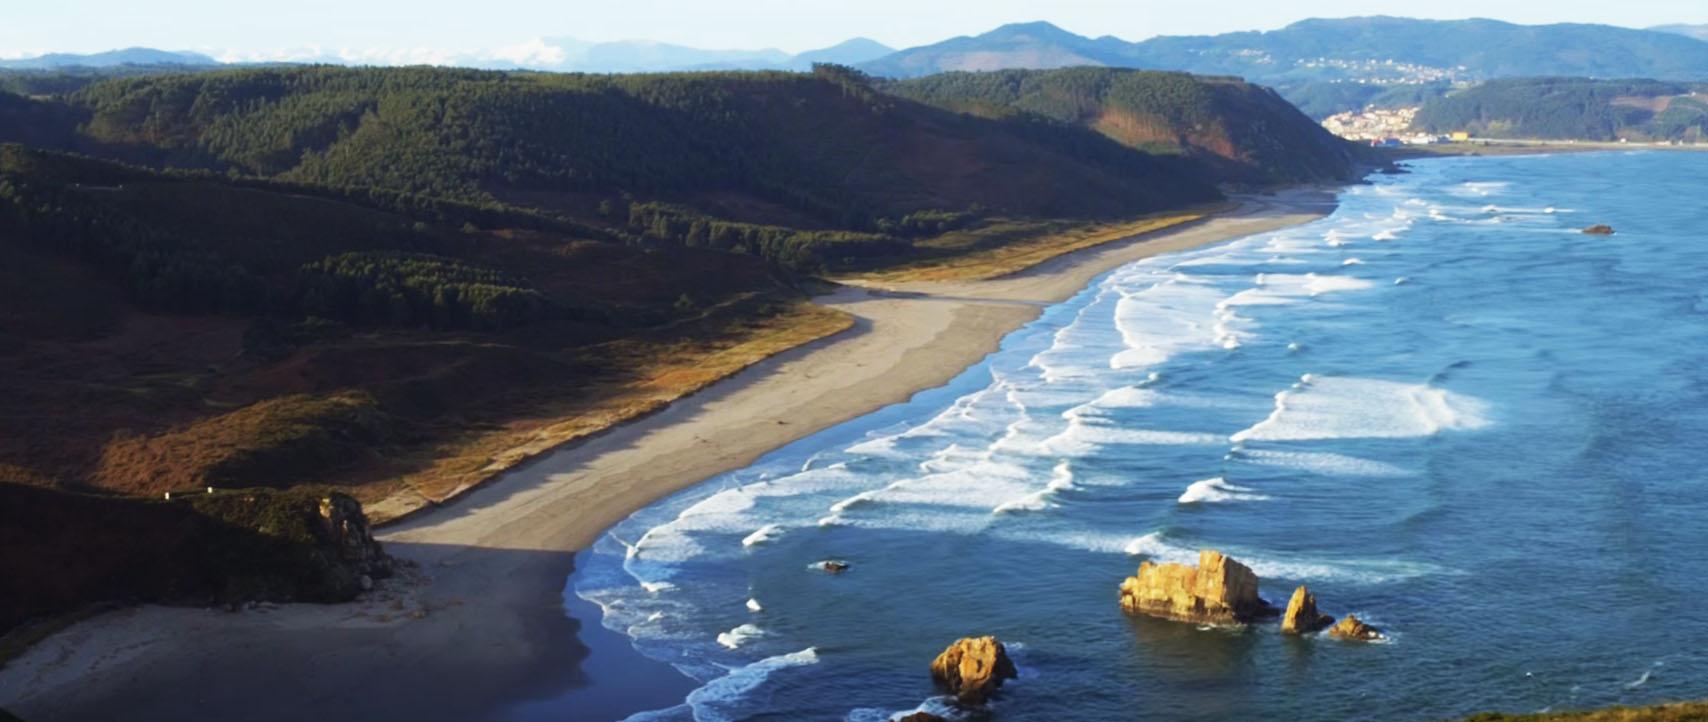 Playas para perros - Playón de Bayas - Castrillón - Asturias